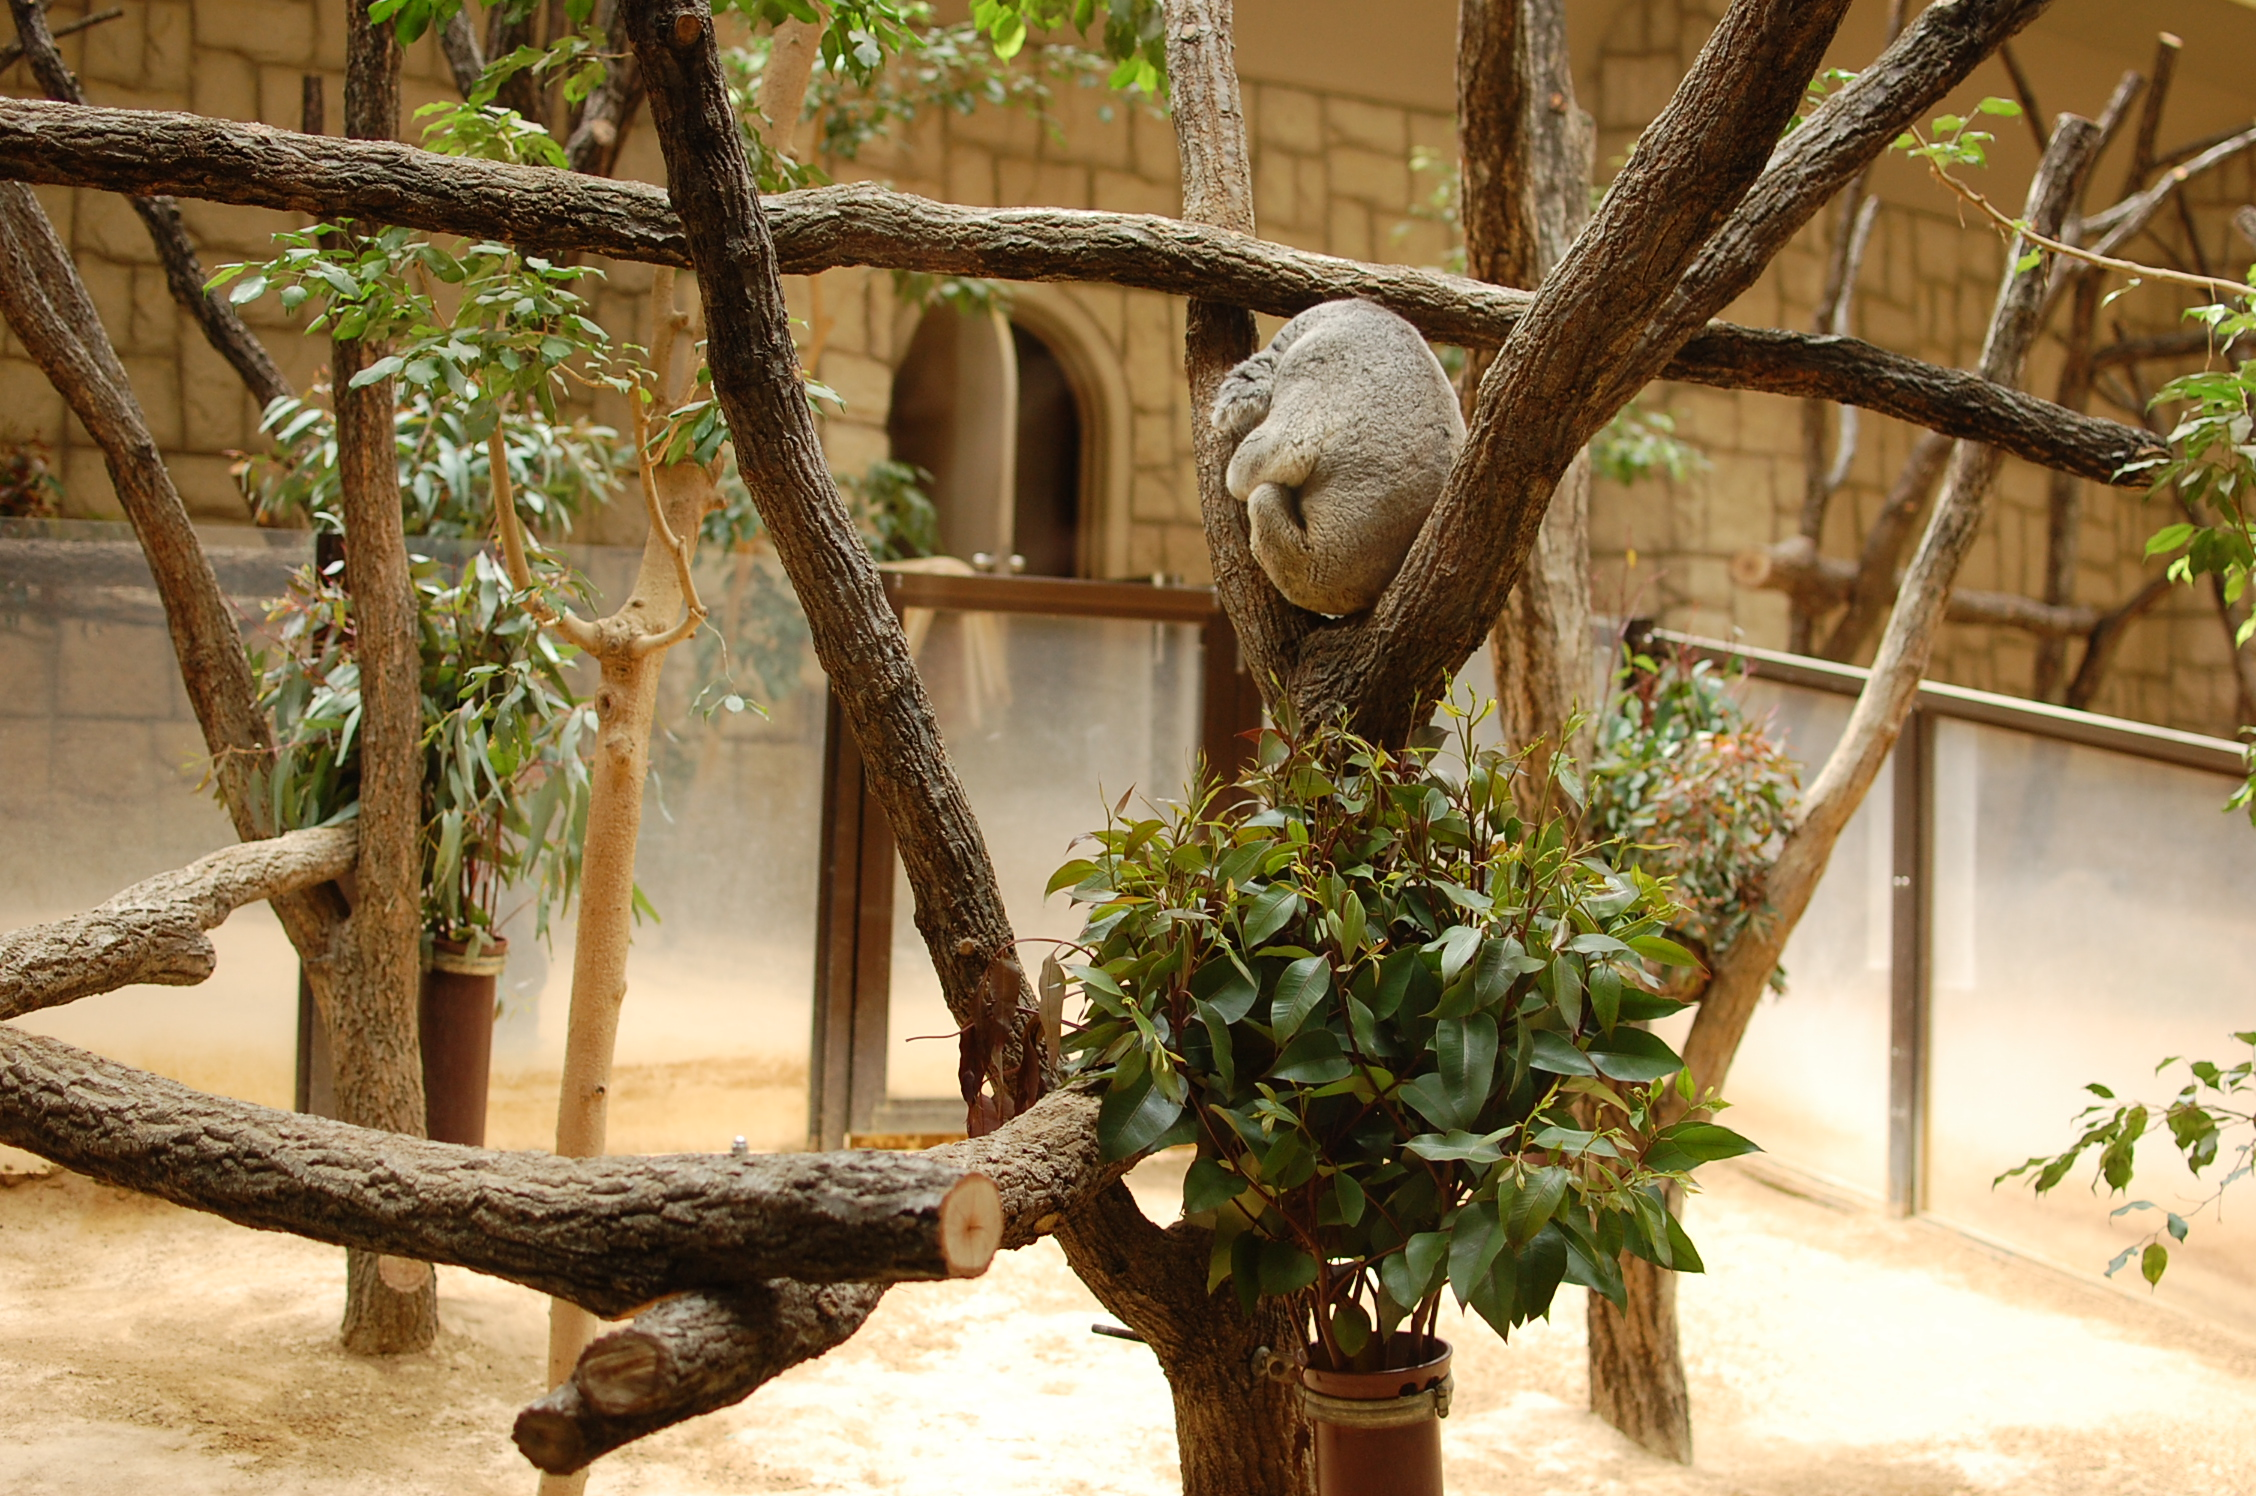 東山動物園の園長に聞いた!動物園をより楽しむためのプランとは - 540bdfa9887949e01fba69e9a9152199